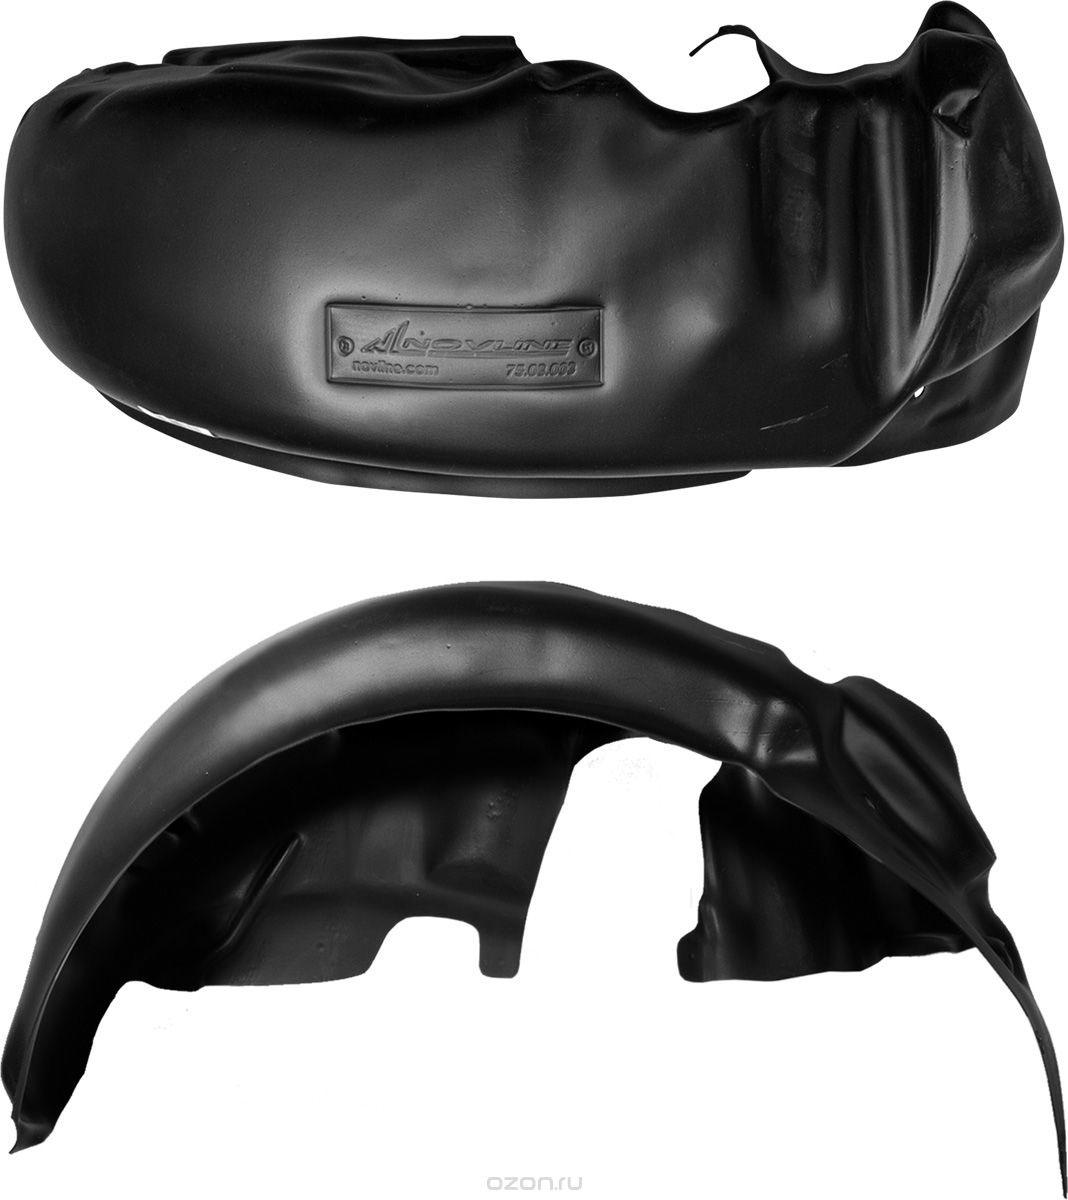 Подкрылок Novline-Autofamily, для CITROEN Jumper 2006-2014, без расширителей арок, передний правыйNLL.10.22.002Идеальная защита колесной ниши. Локеры разработаны с применением цифровых технологий, гарантируют максимальную повторяемость поверхности арки. Изделия устанавливаются без нарушения лакокрасочного покрытия автомобиля, каждый подкрылок комплектуется крепежом. Уважаемые клиенты, обращаем ваше внимание, что фотографии на подкрылки универсальные и не отражают реальную форму изделия. При этом само изделие идет точно под размер указанного автомобиля.